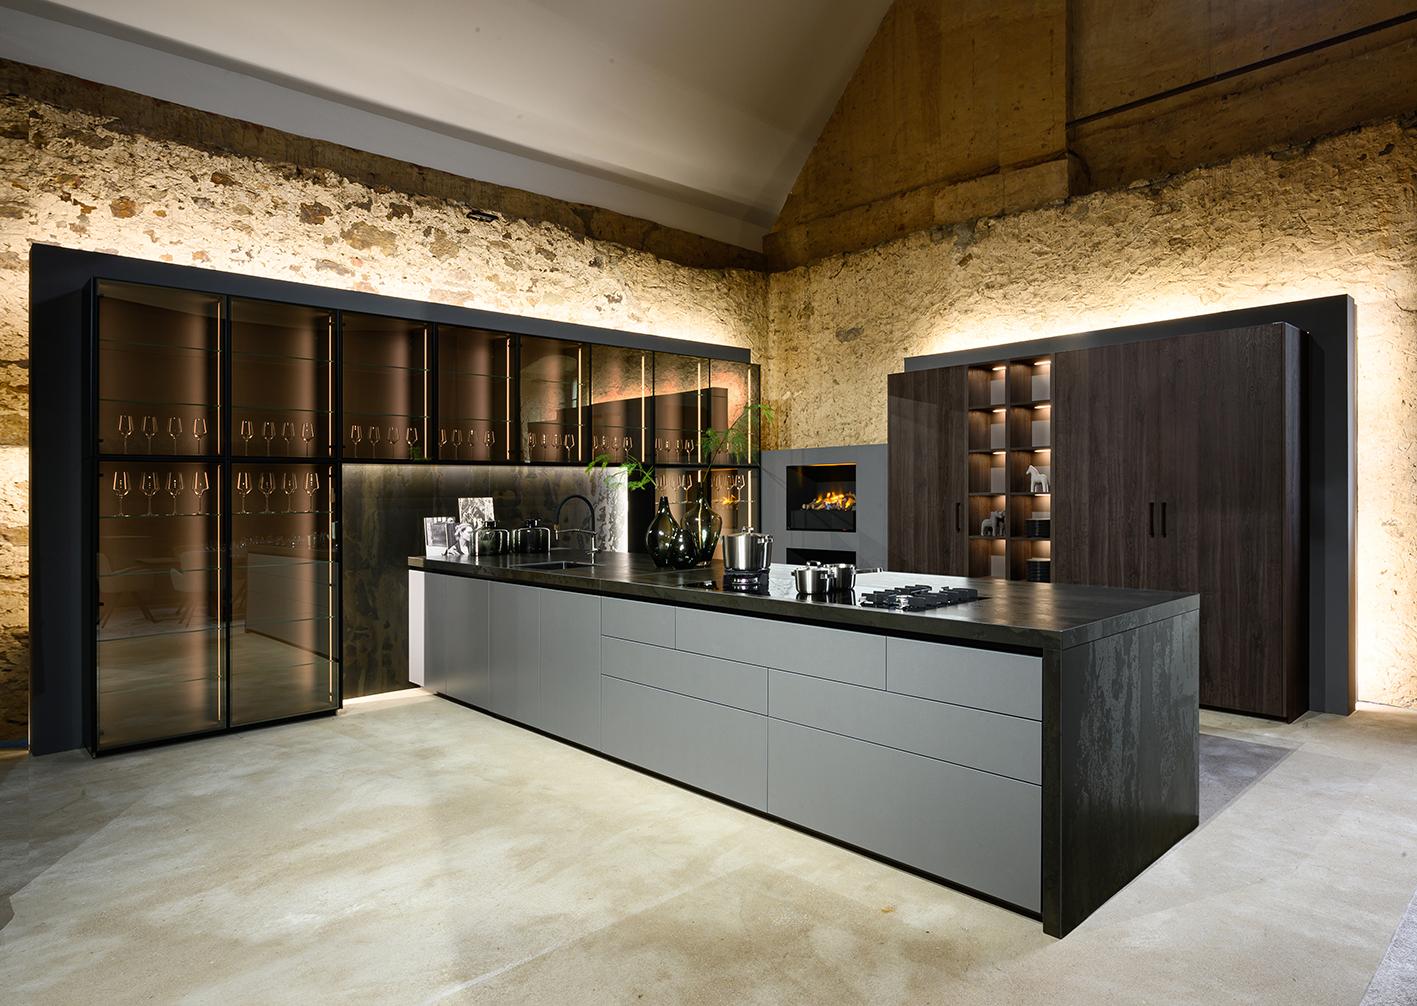 Full Size of Real Küchen Inspiration Kchenfabrik Gmbh Regal Wohnzimmer Real Küchen